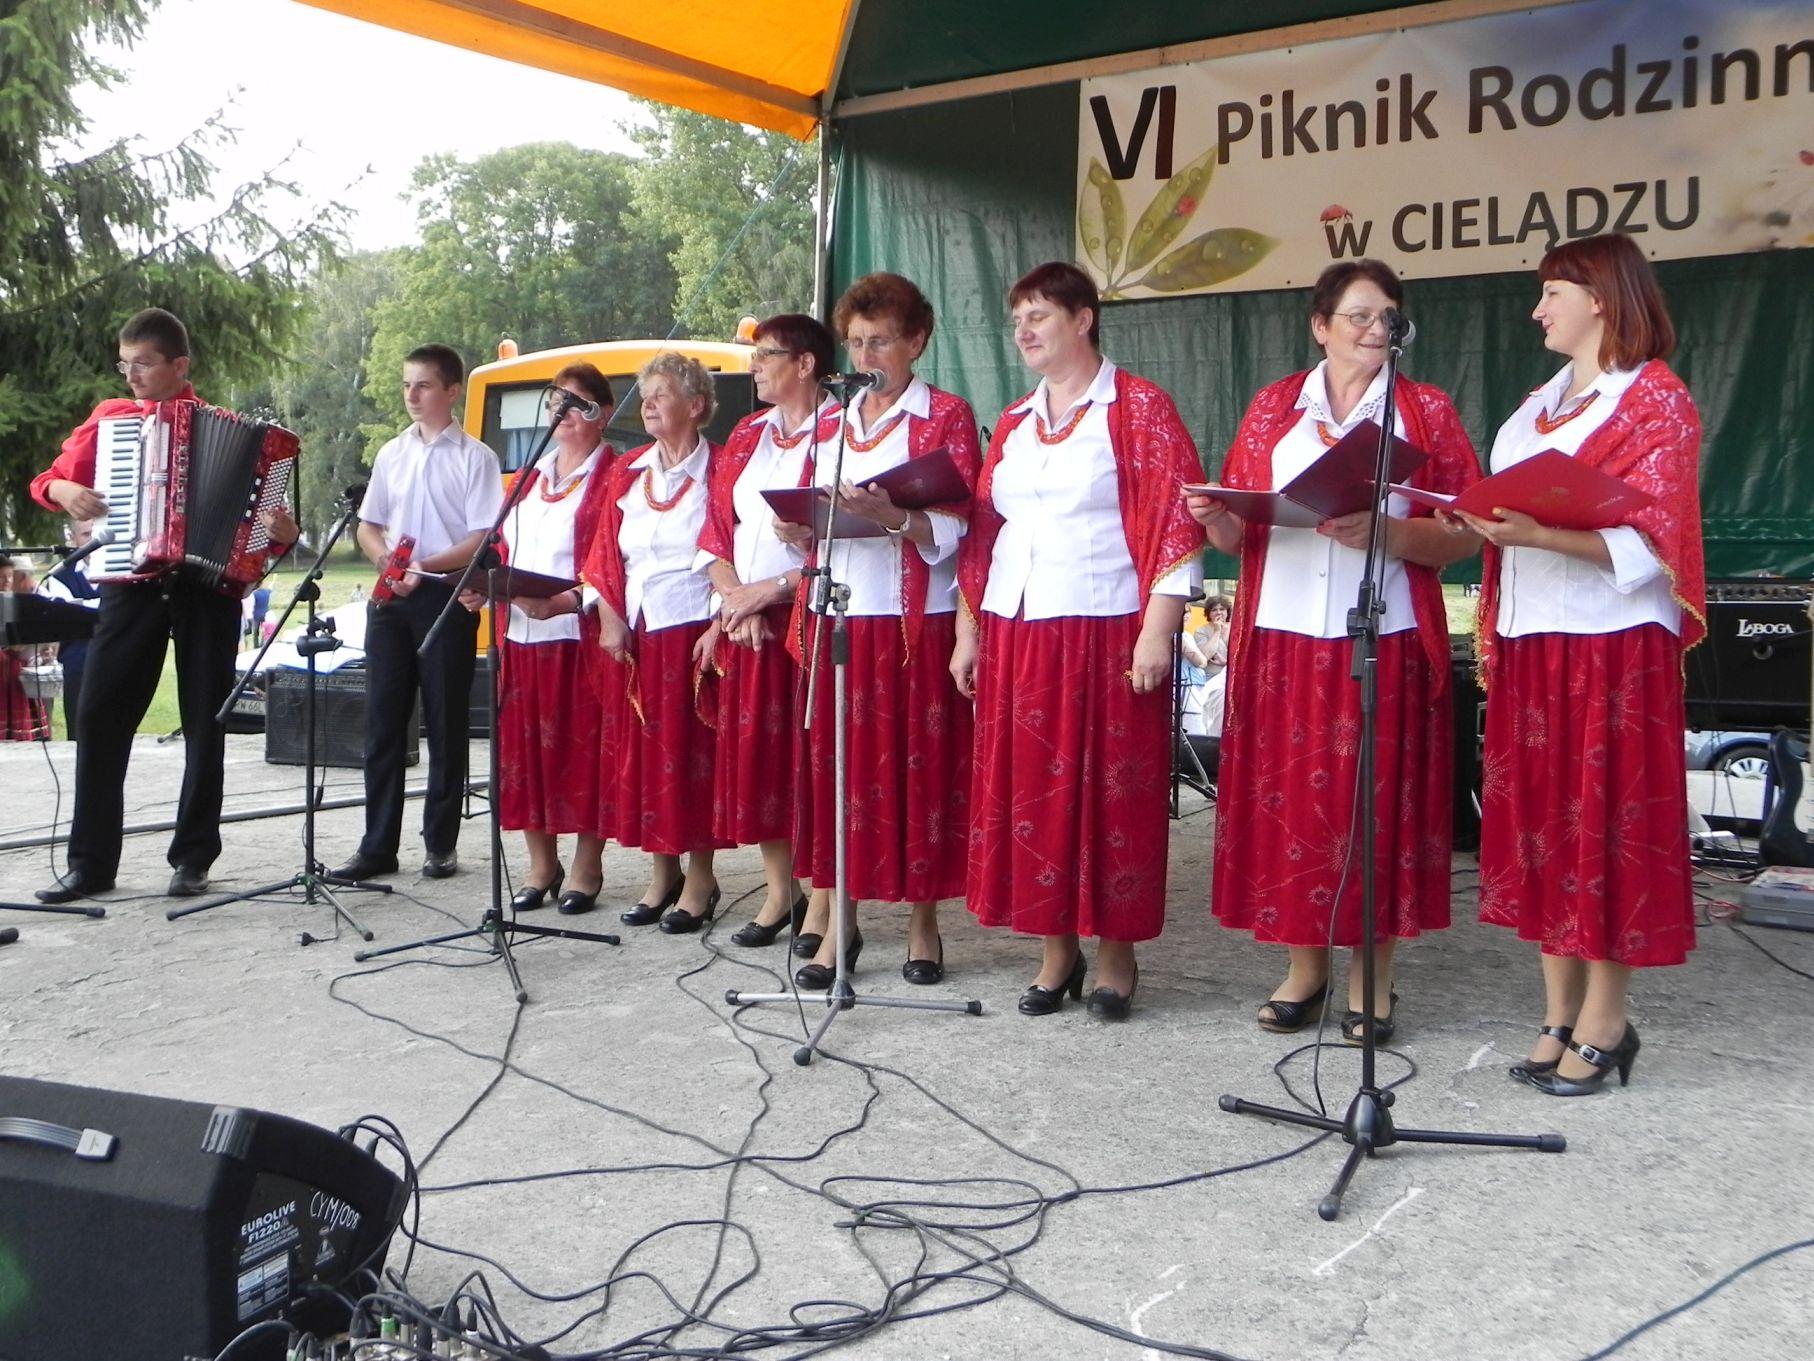 2013-08-18 Cielądz piknik (24)